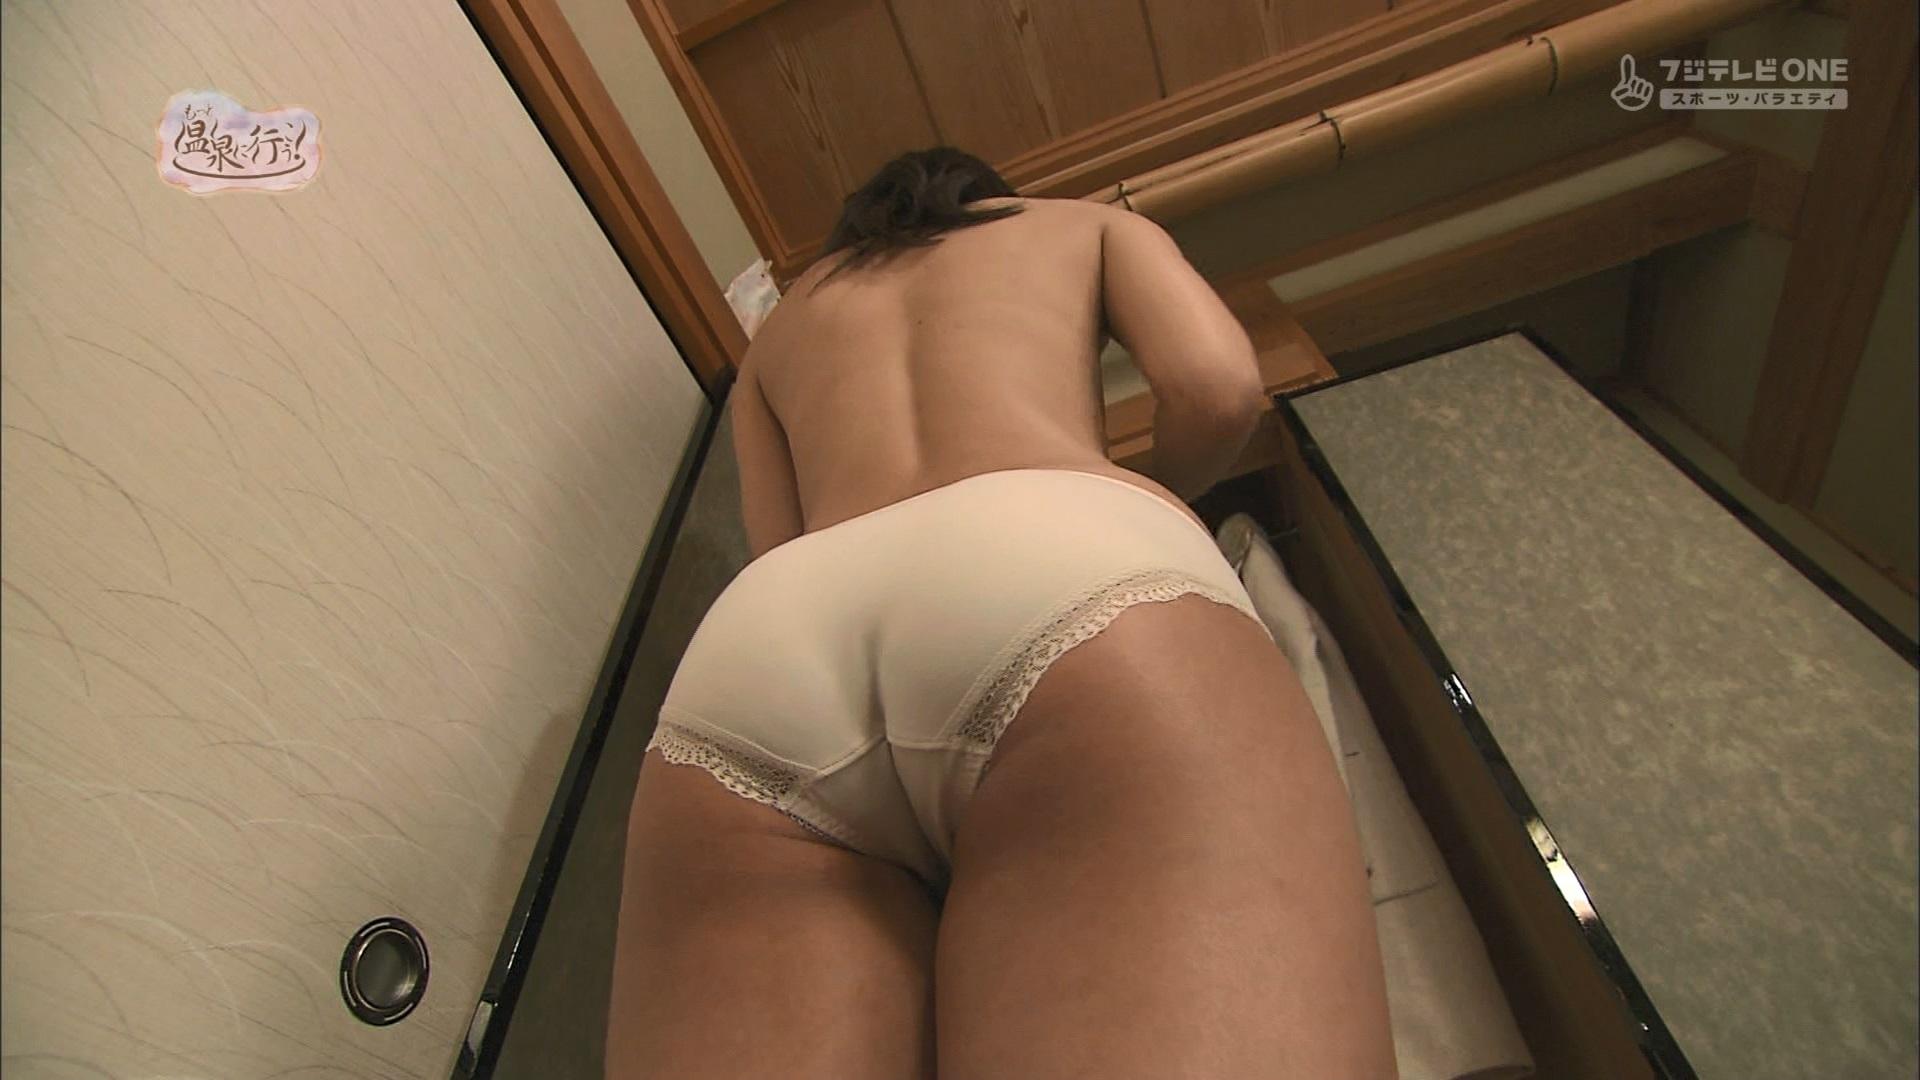 (アダルト写真)柚木しおりプリップリのおヒップと背中からのくびれのラインがsexな「もっと混浴宿に行こう☆☆☆」えろガン見キャプ写真